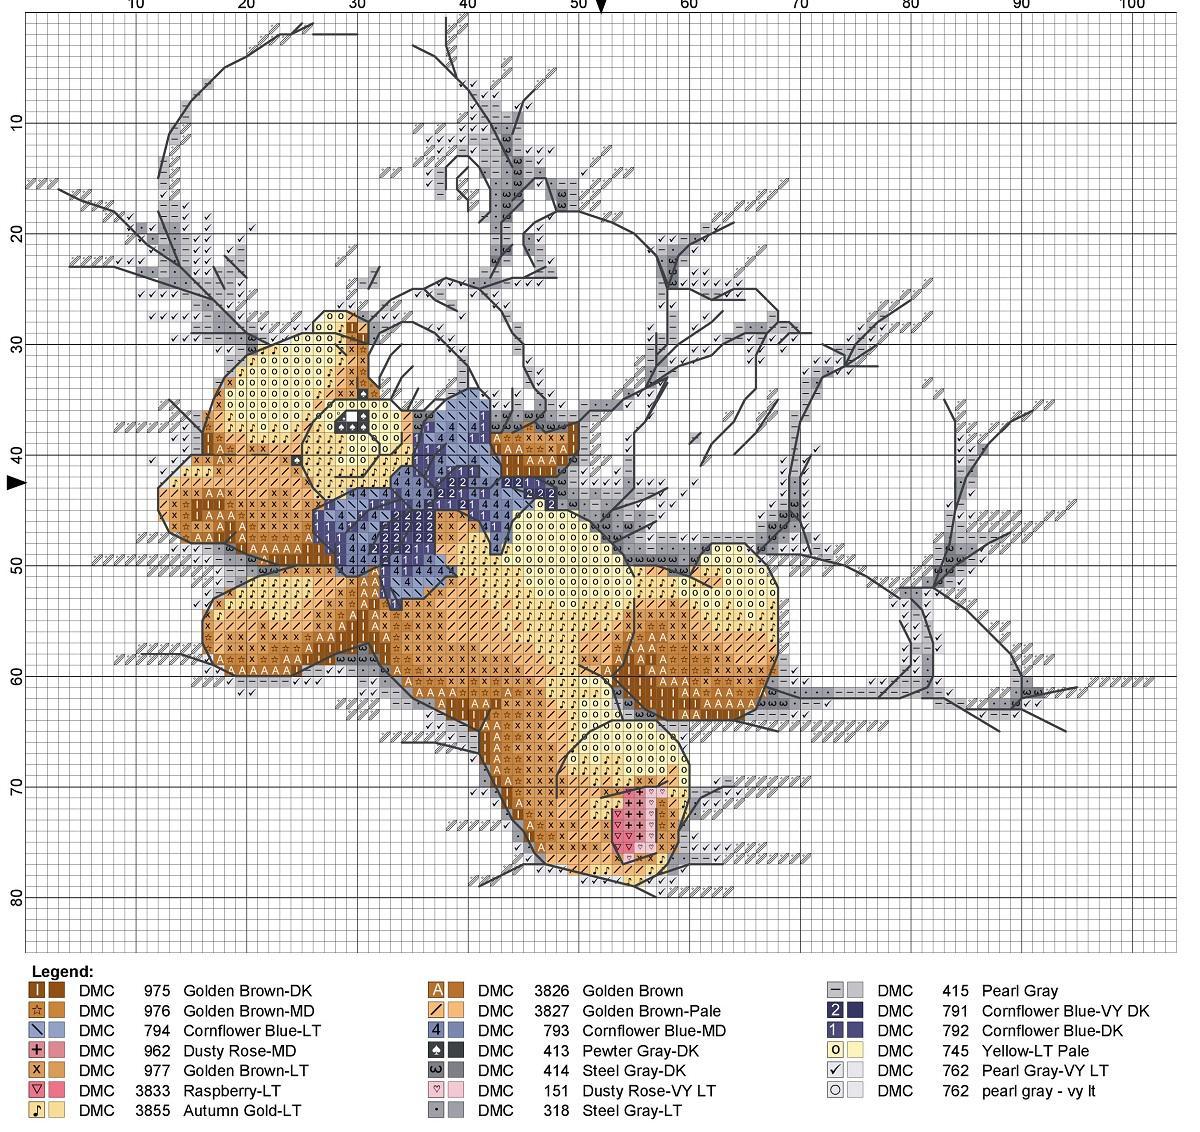 Вышитый спящий ребенок с плюшевой игрушкой станет хорошим подарком для молодой матери